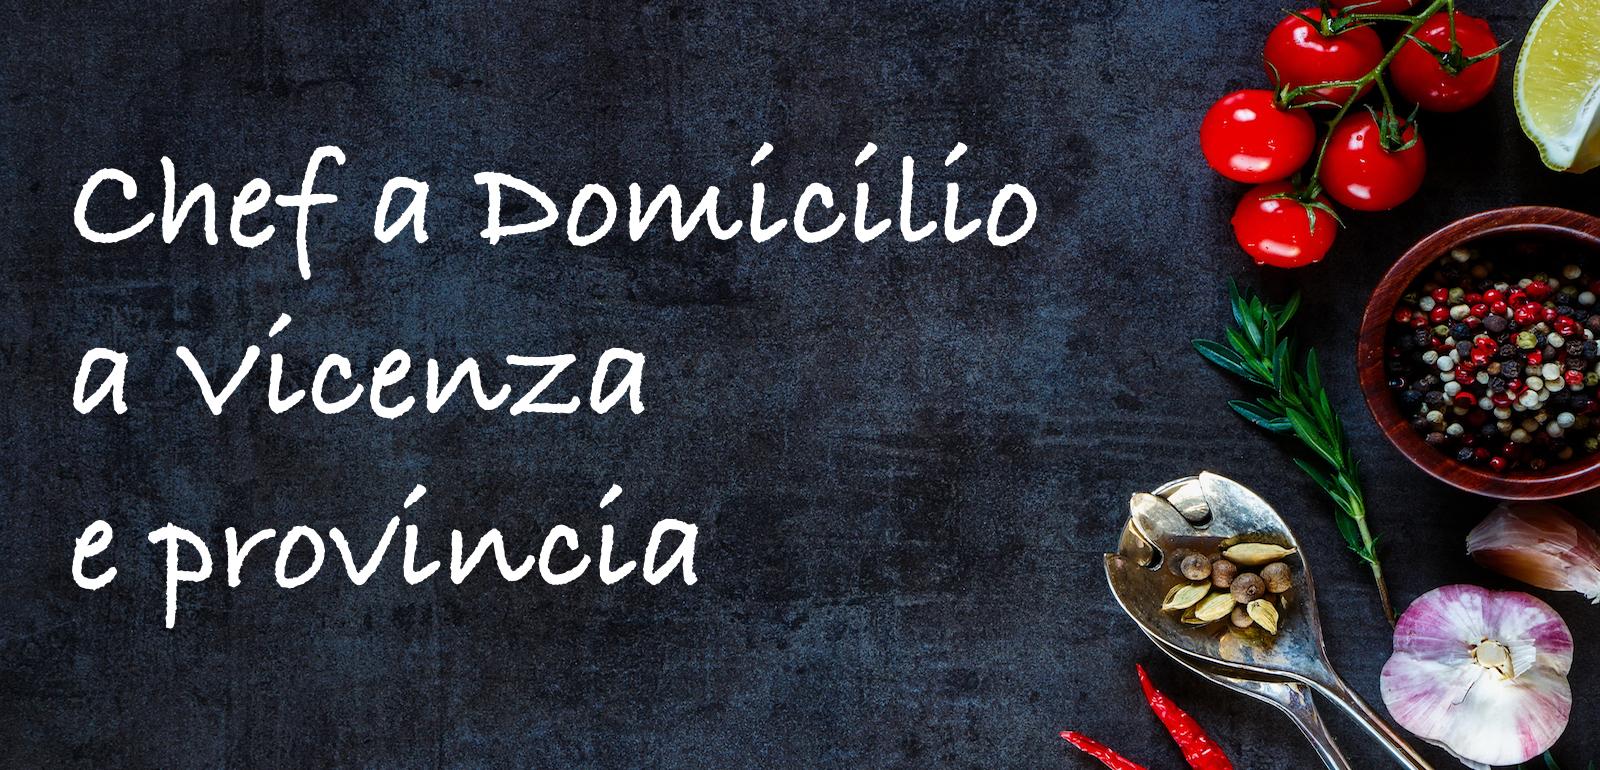 Per anni ho cucinato come chef a domicilio a Vicenza ed in provincia.